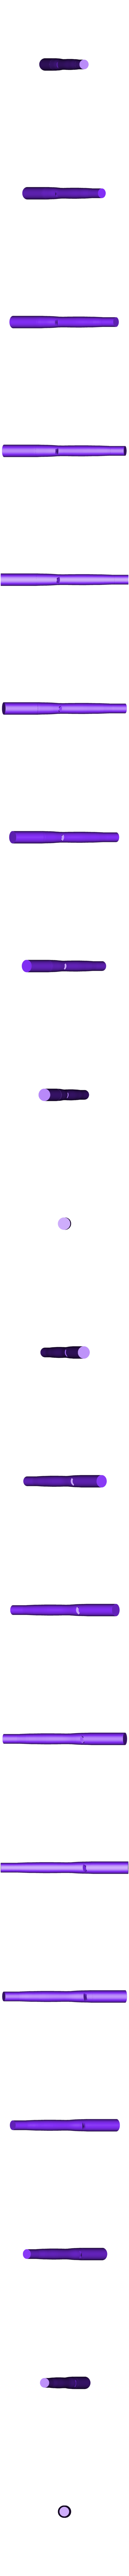 cuerpo.stl Télécharger fichier STL gratuit Usine Mario bros • Modèle imprimable en 3D, goncastorena